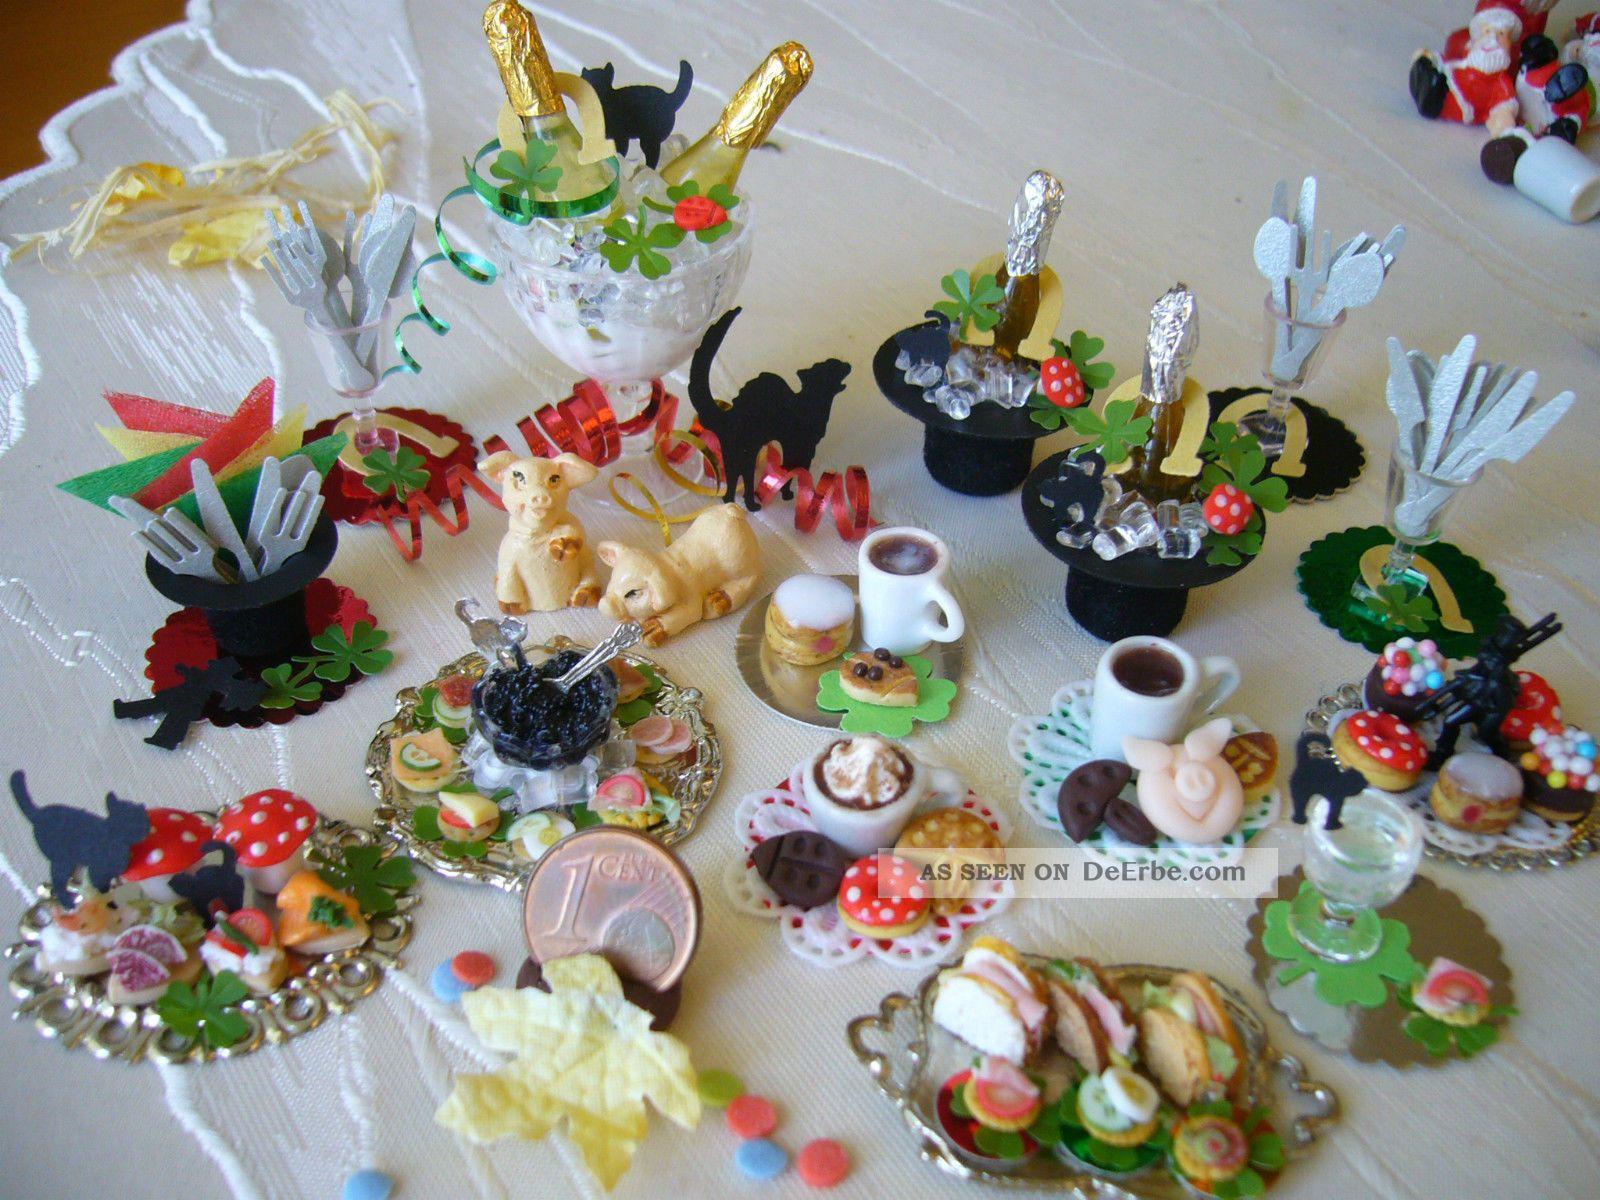 =glÜcksmarzipan Neujahr Silvester= Bäckerei Konditorei Kaufladen 1:12 By Hw Kaufmannsläden & Zubehör Bild